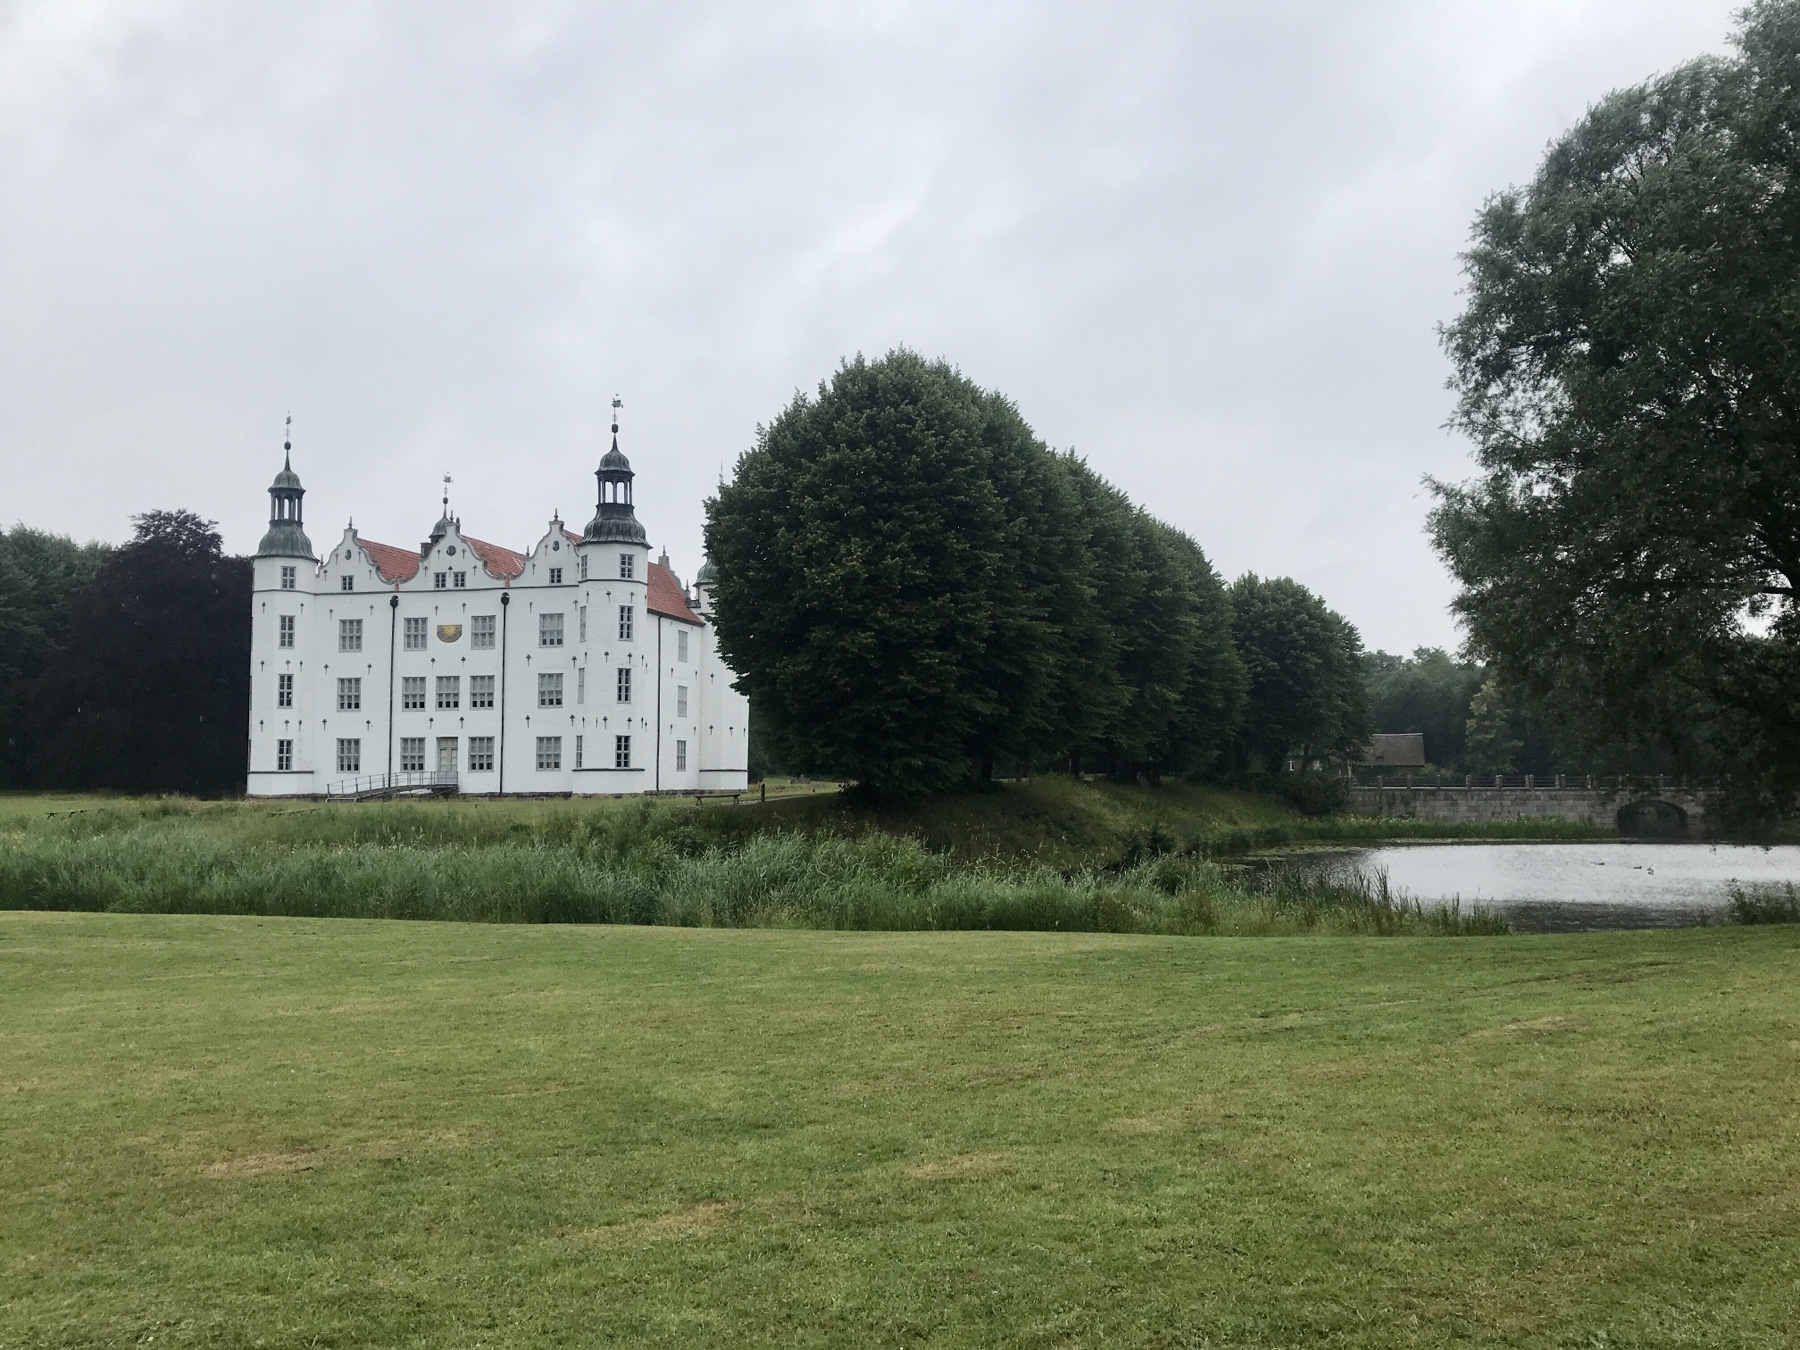 Schloss Ahrensburg, Etappenziel von Etappe 2 des Stormarnweges